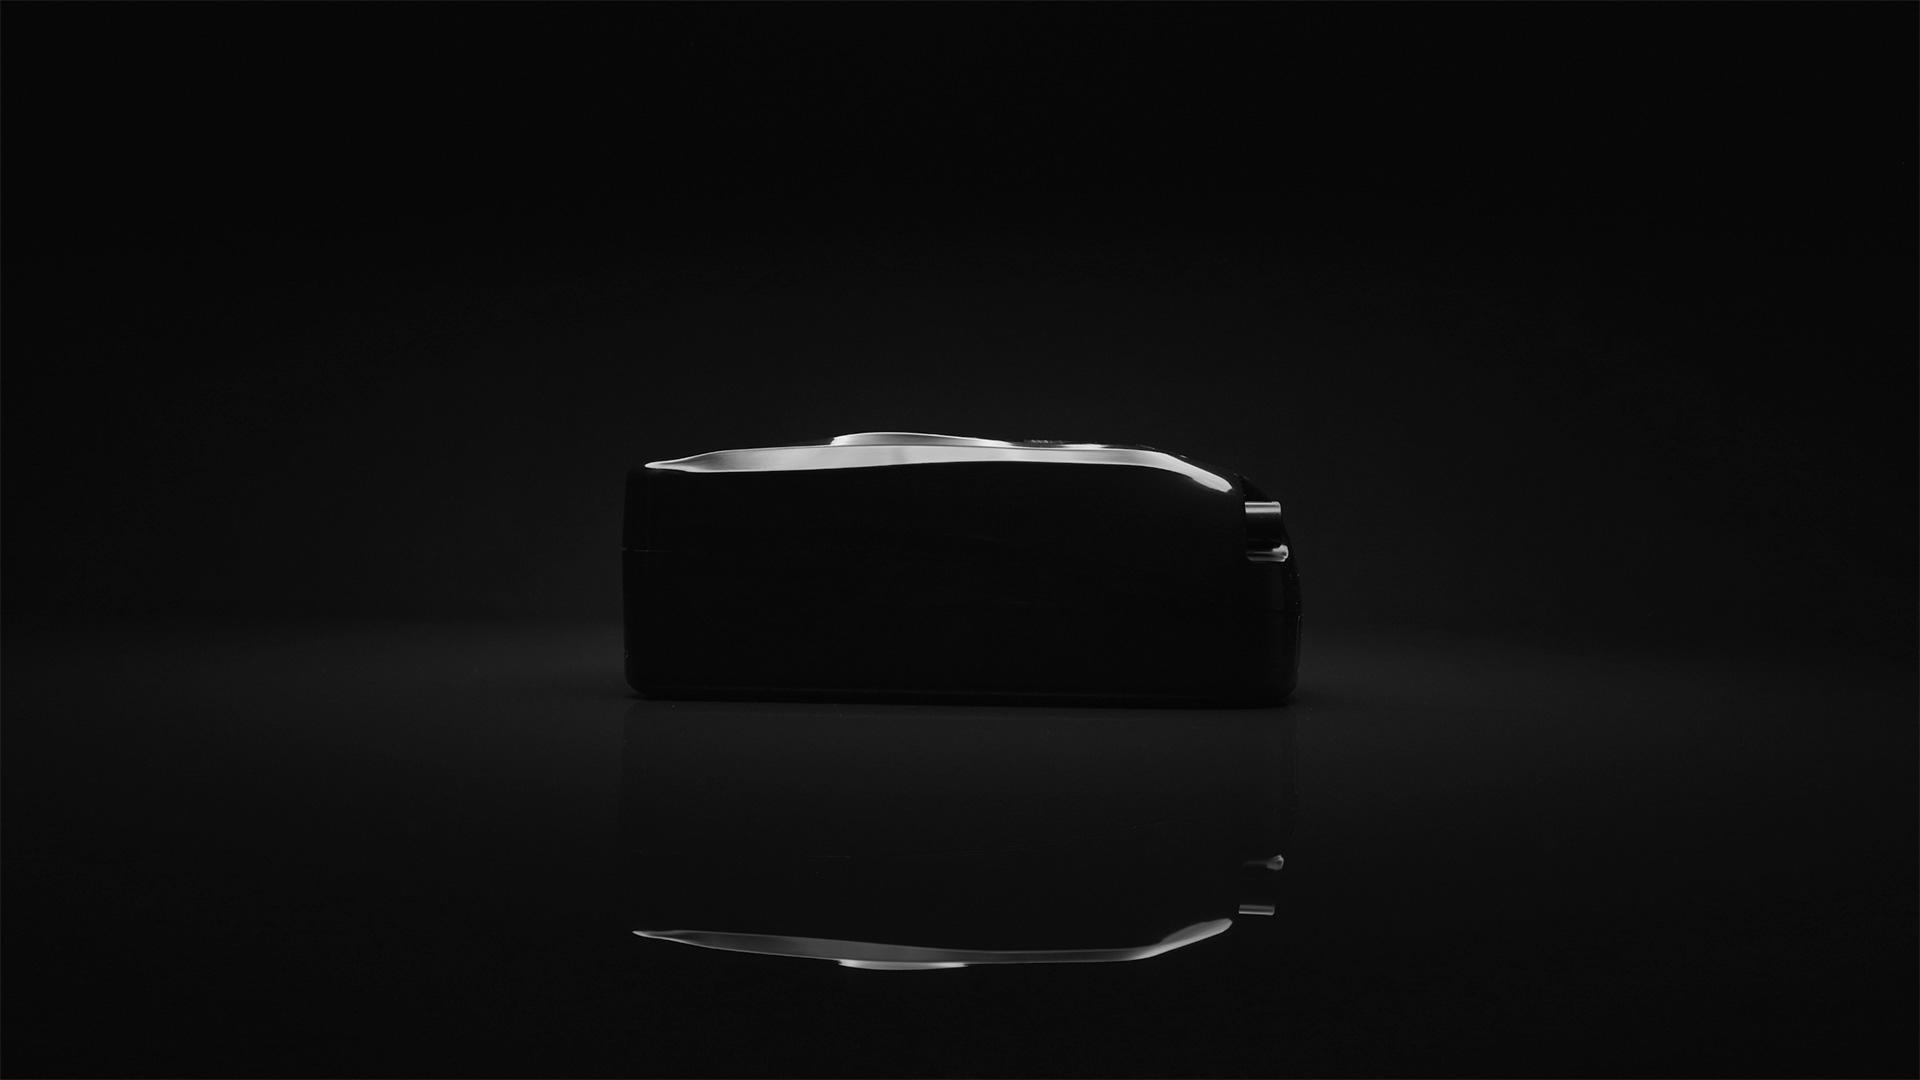 Съемка видео рекламы Marlin